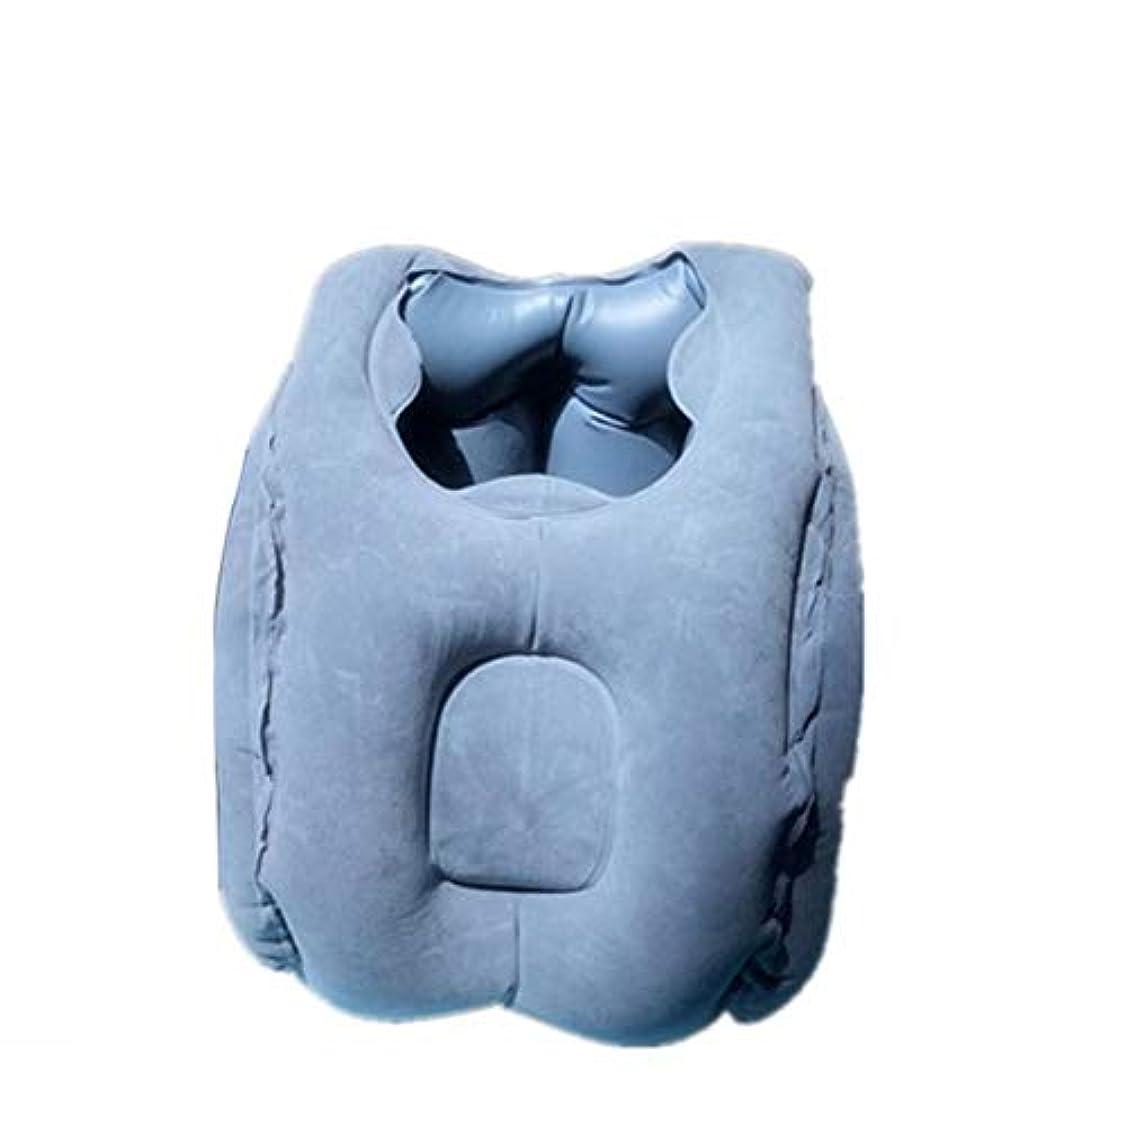 記念碑的なガード利点Intercoreyの携帯用サイズの膨脹可能なオフィスの家の枕ビロードの自由な空気交換は横になります枕快適な手の枕